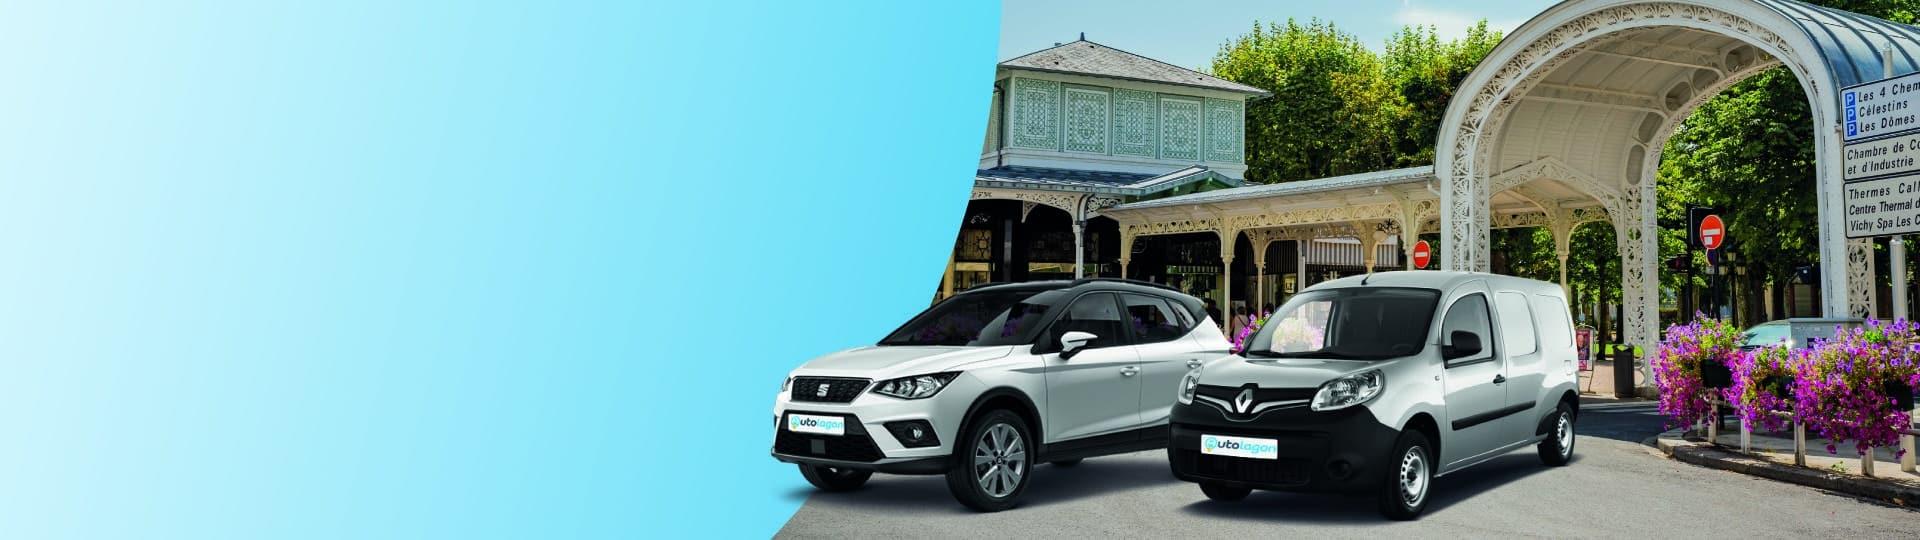 Réservez votre voiture de location au meilleur prix à Vichy Gare